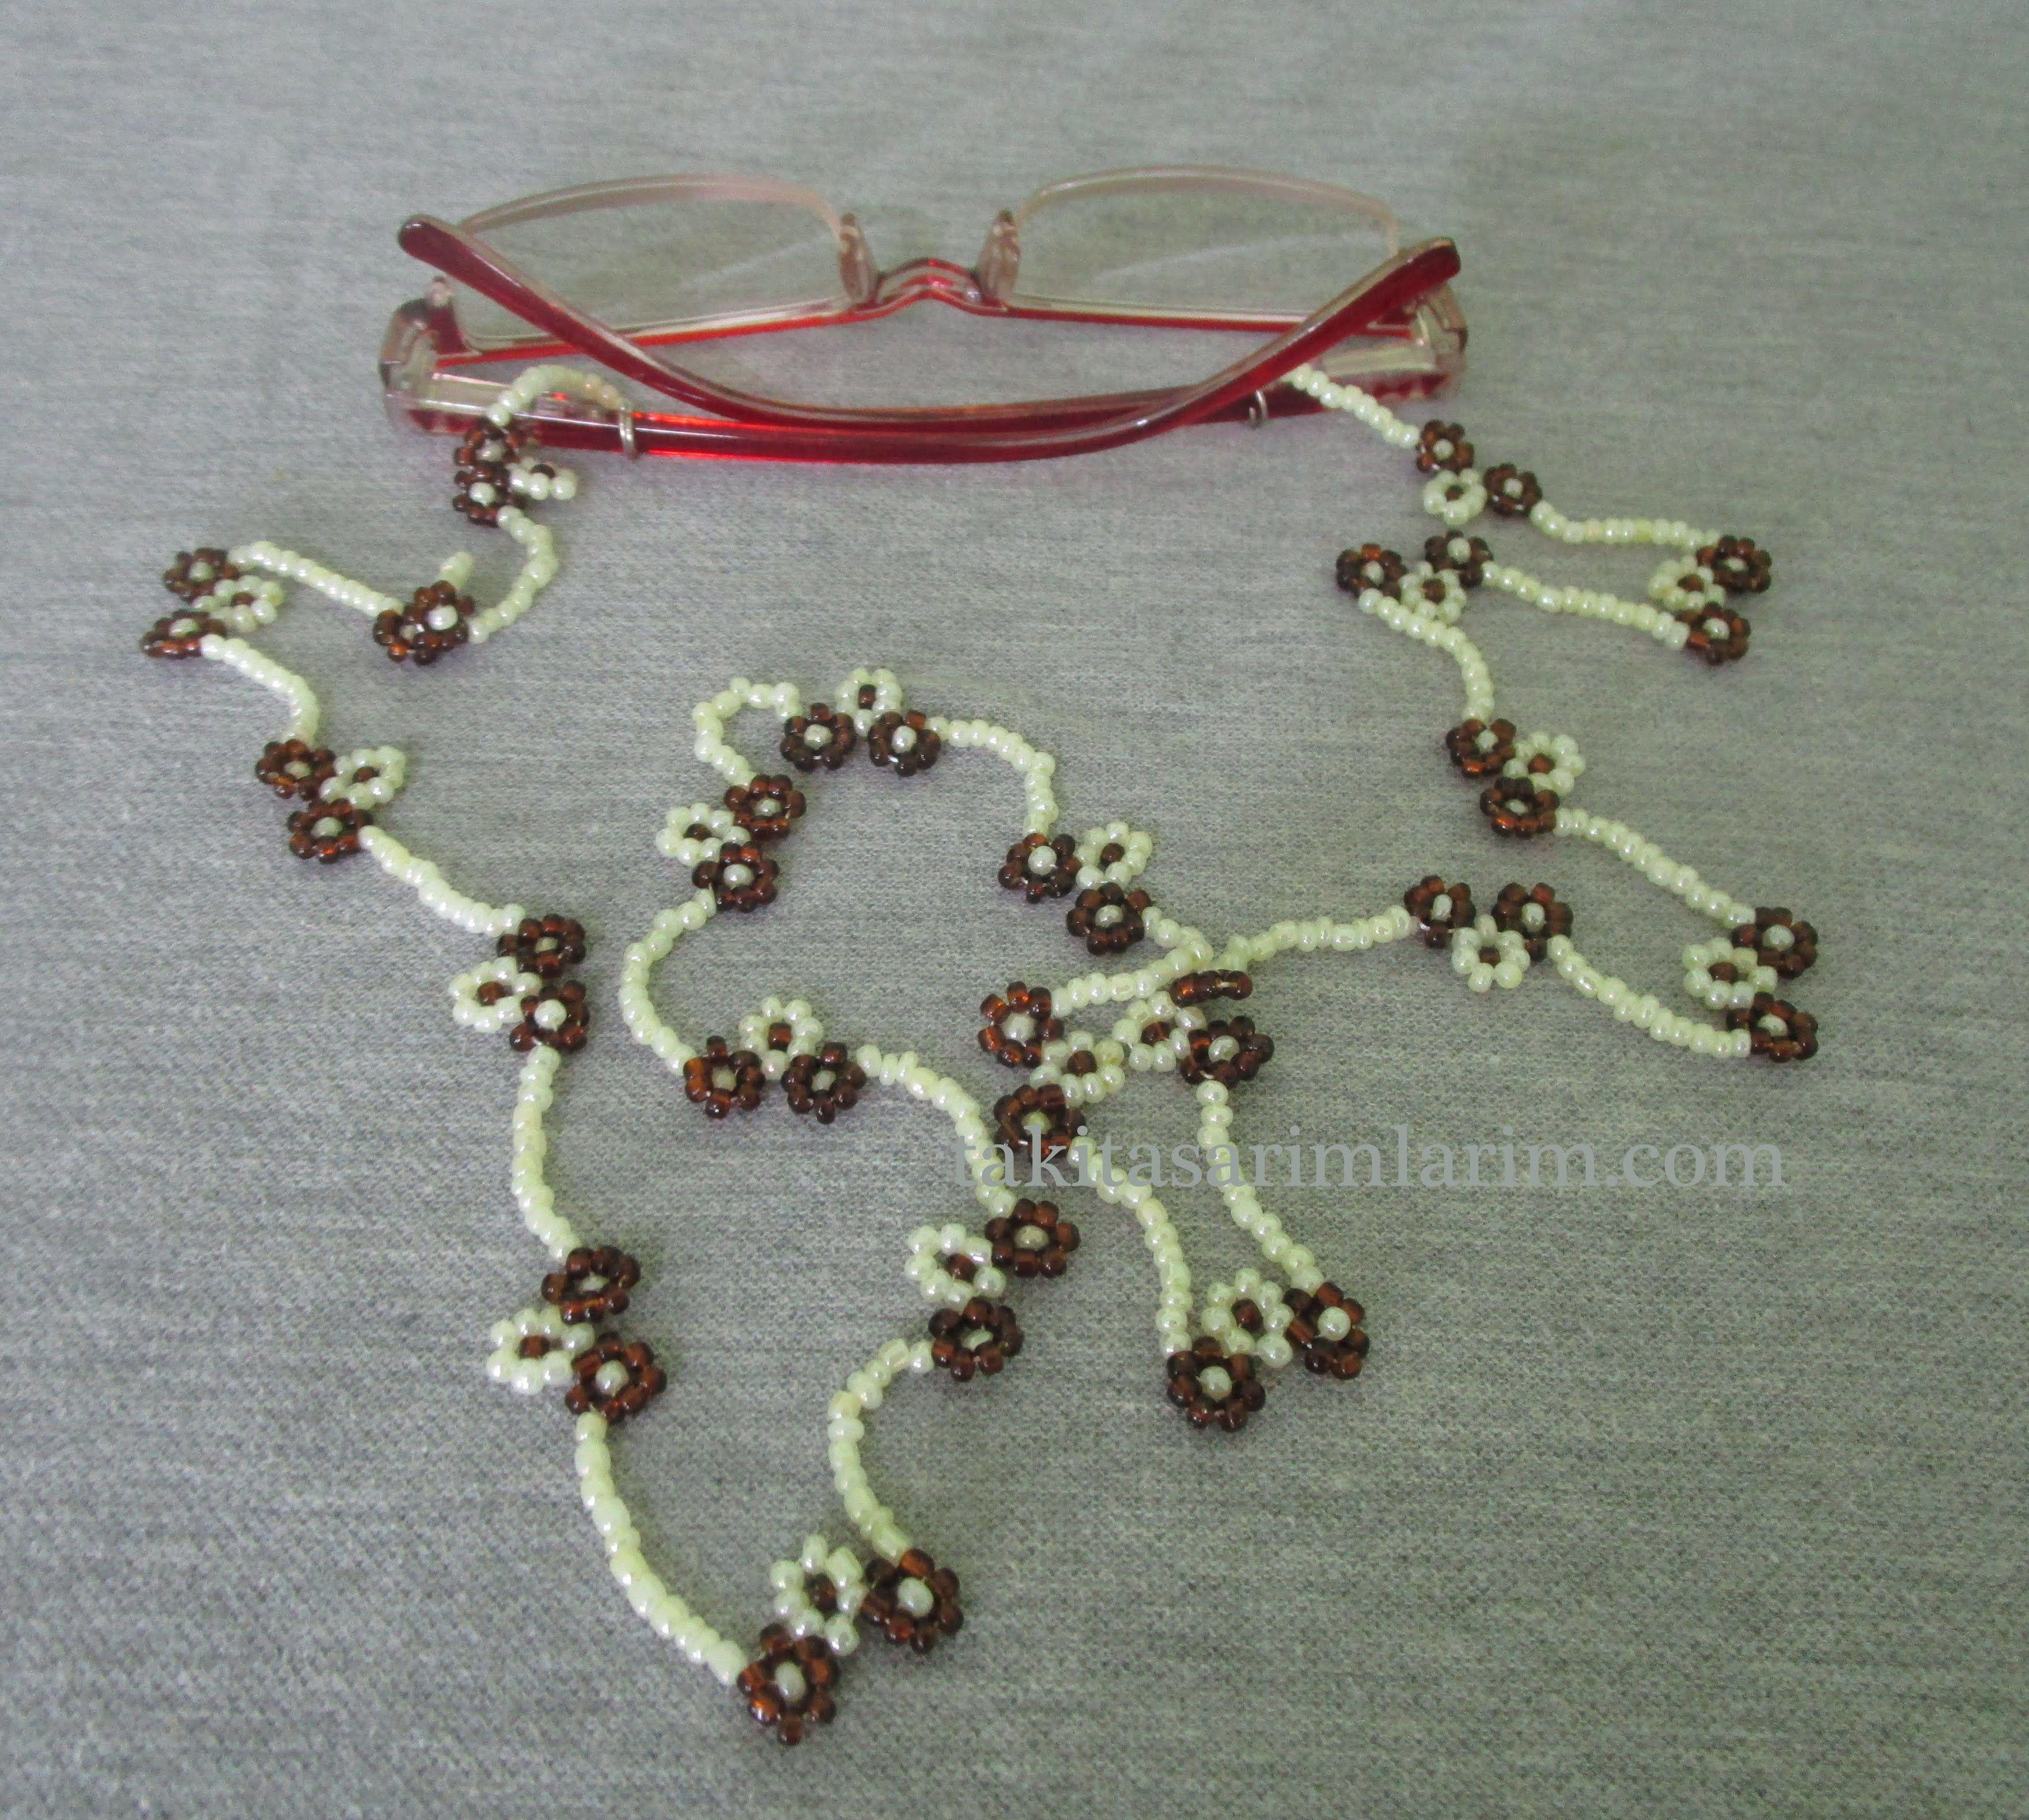 Nara Beads: Boncuktan Gözlük İpi Nasıl Yapılır